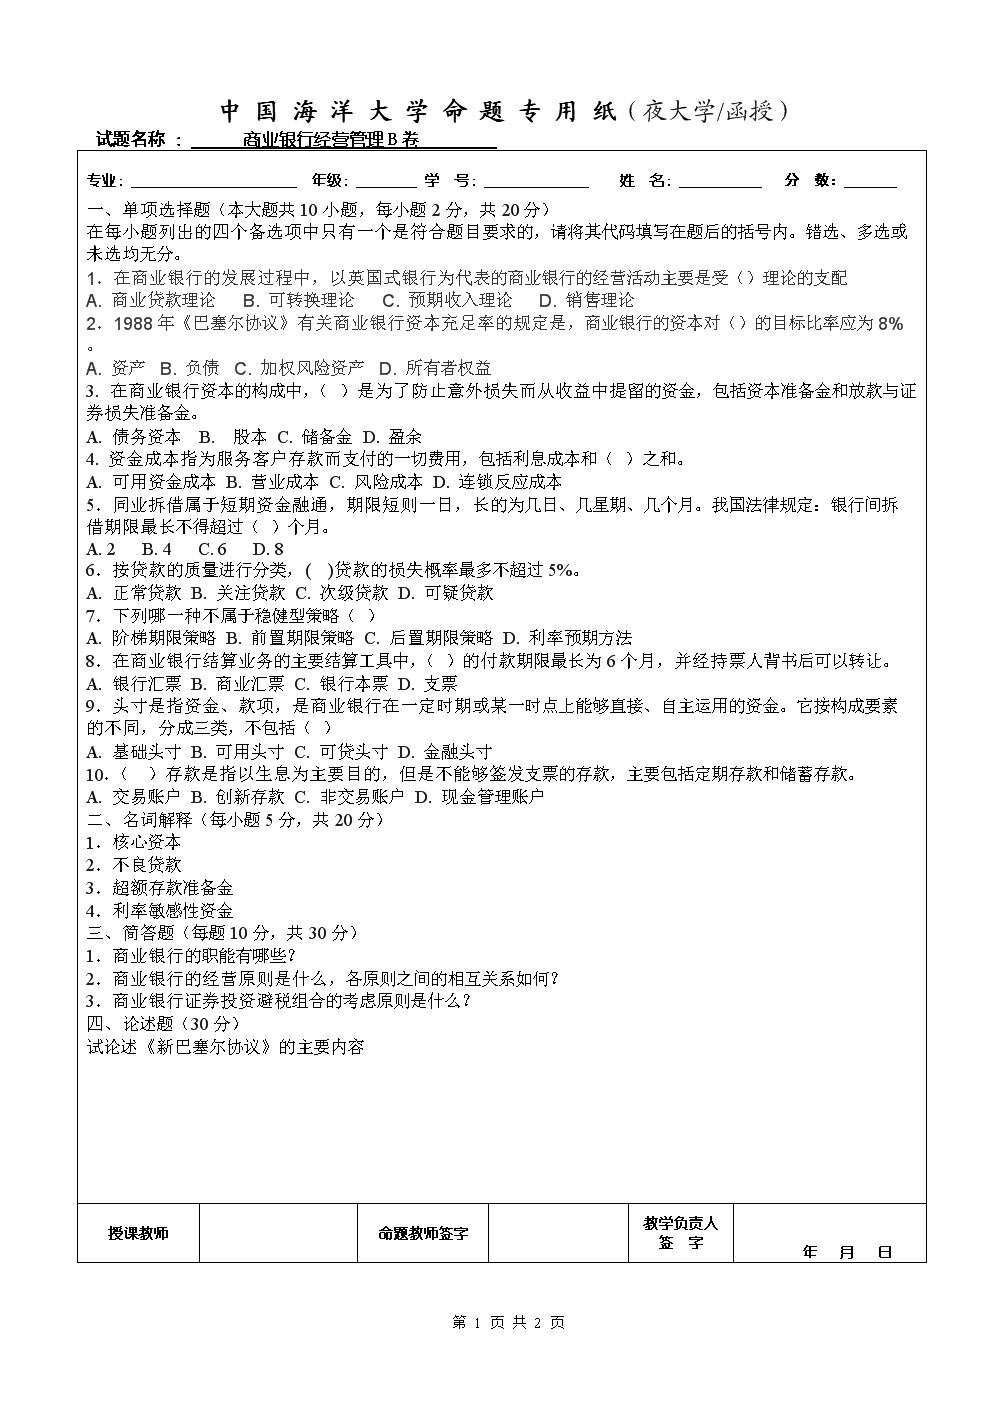 商业银行经营管理试题B及答案.doc